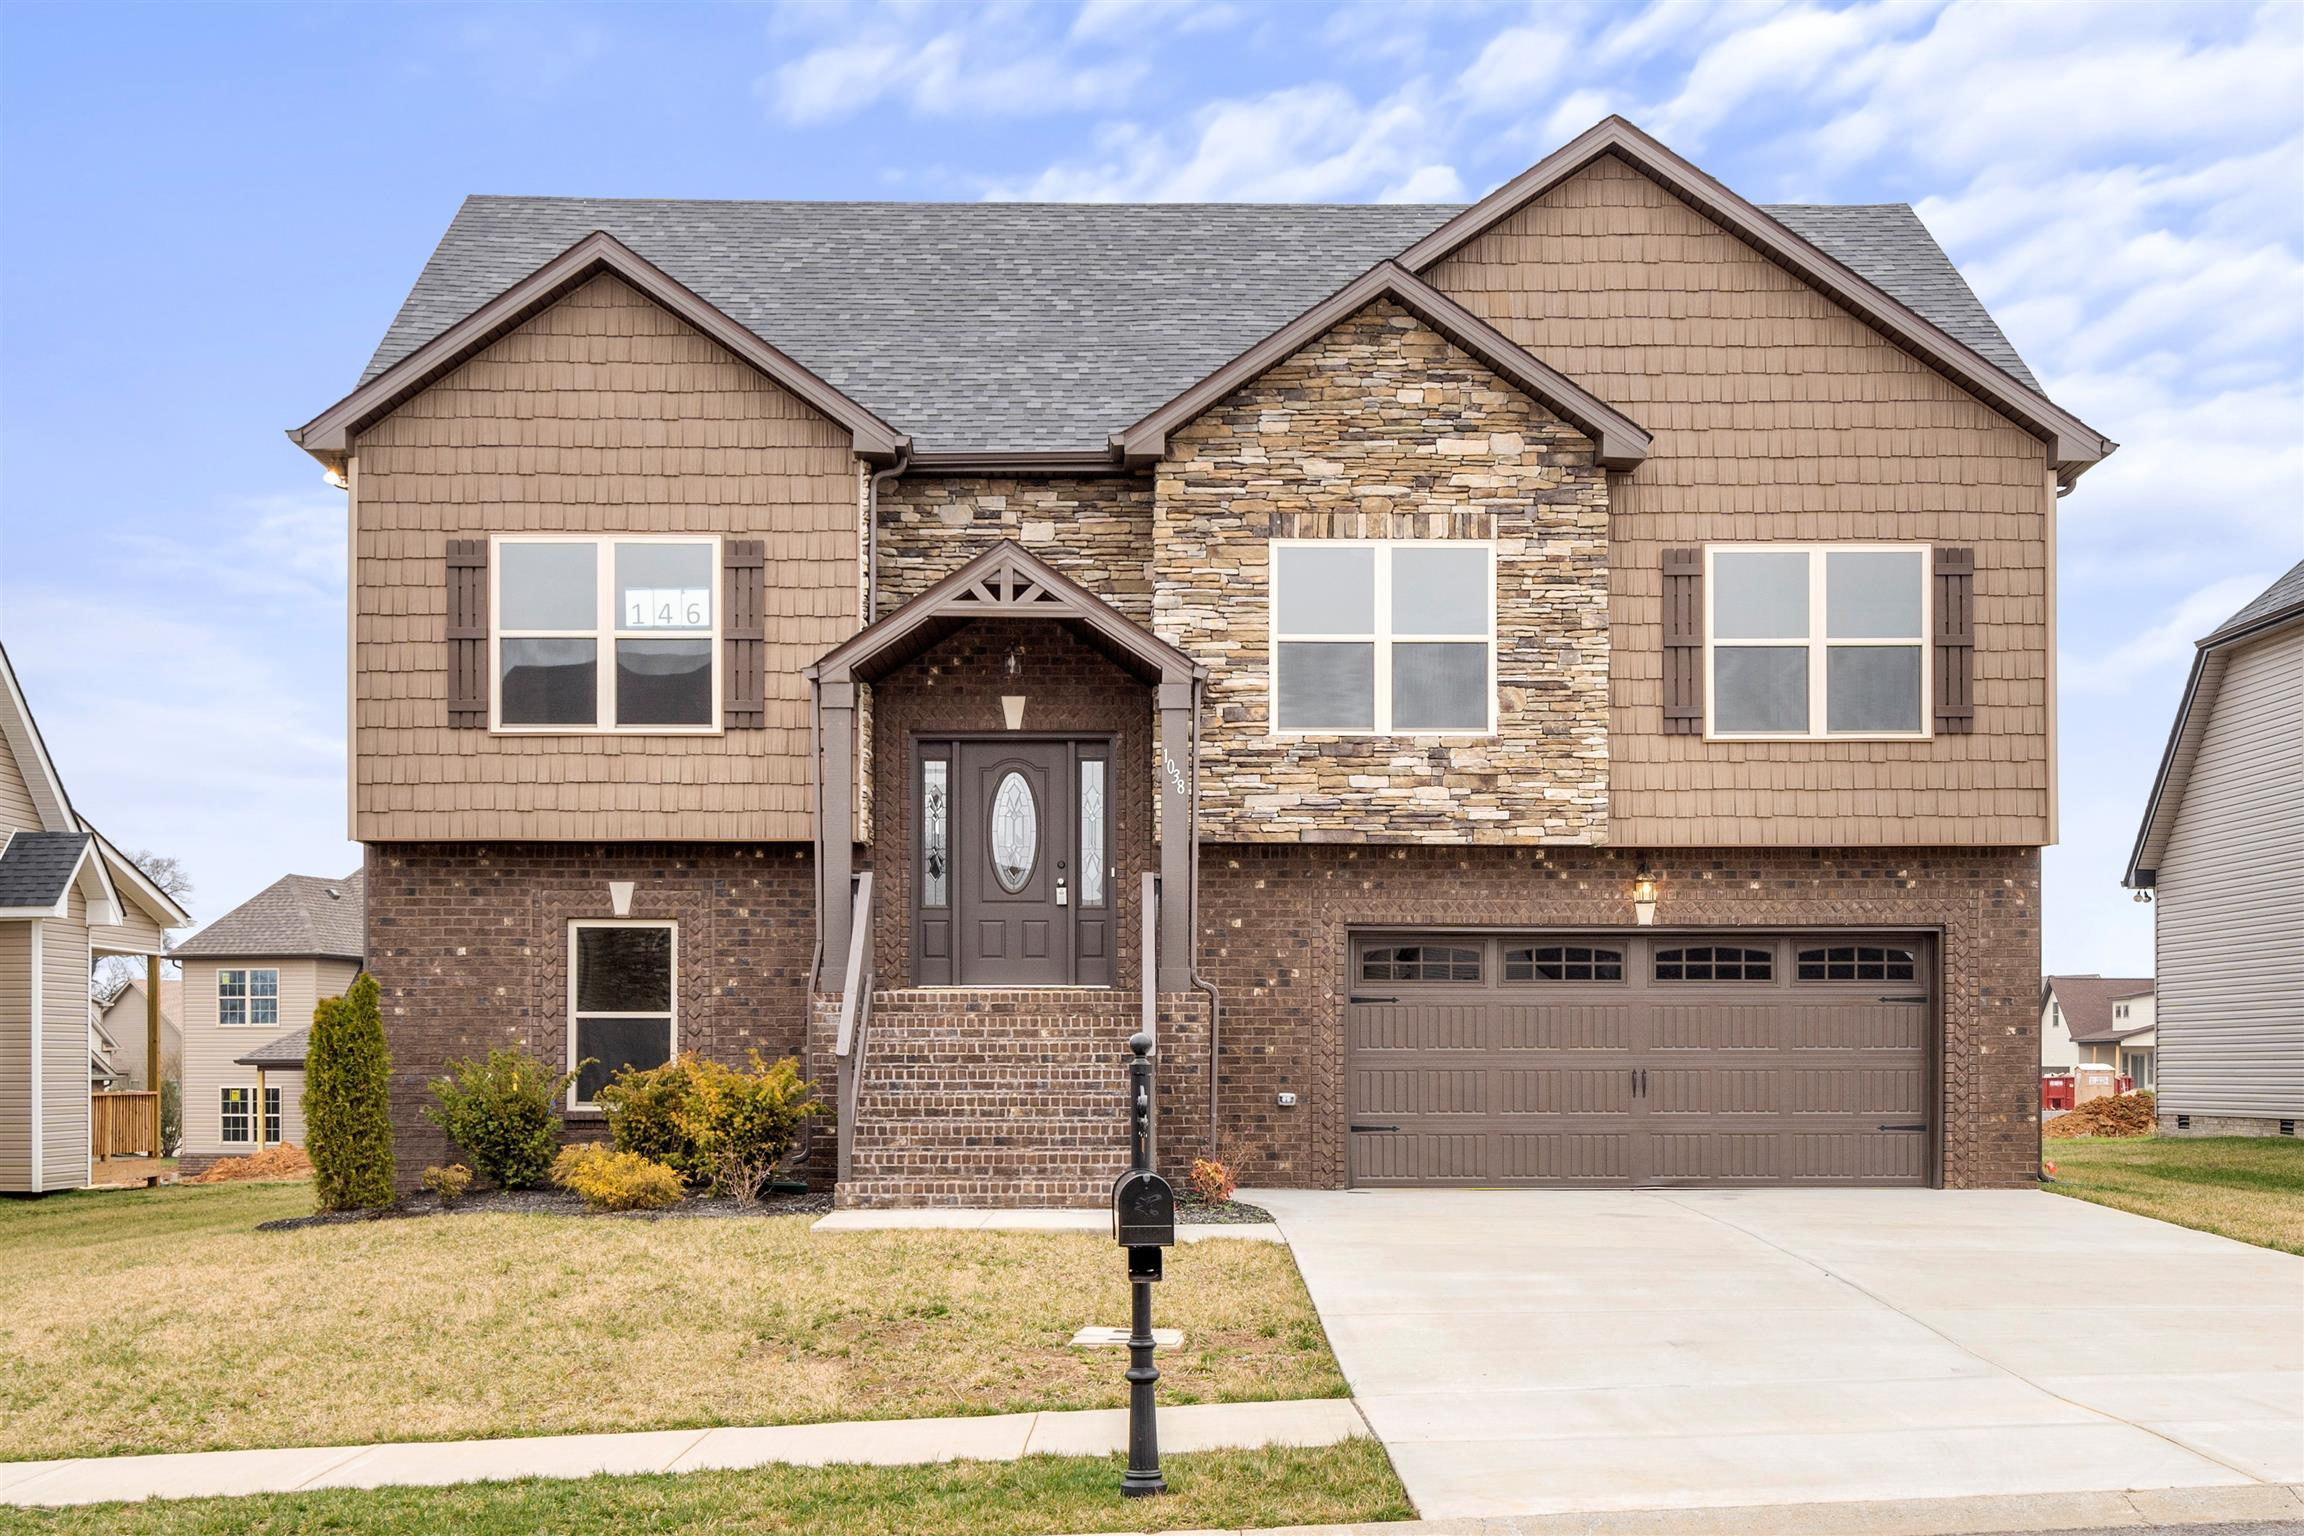 1038 Black Gum Lane, Clarksville, TN 37043 - Clarksville, TN real estate listing